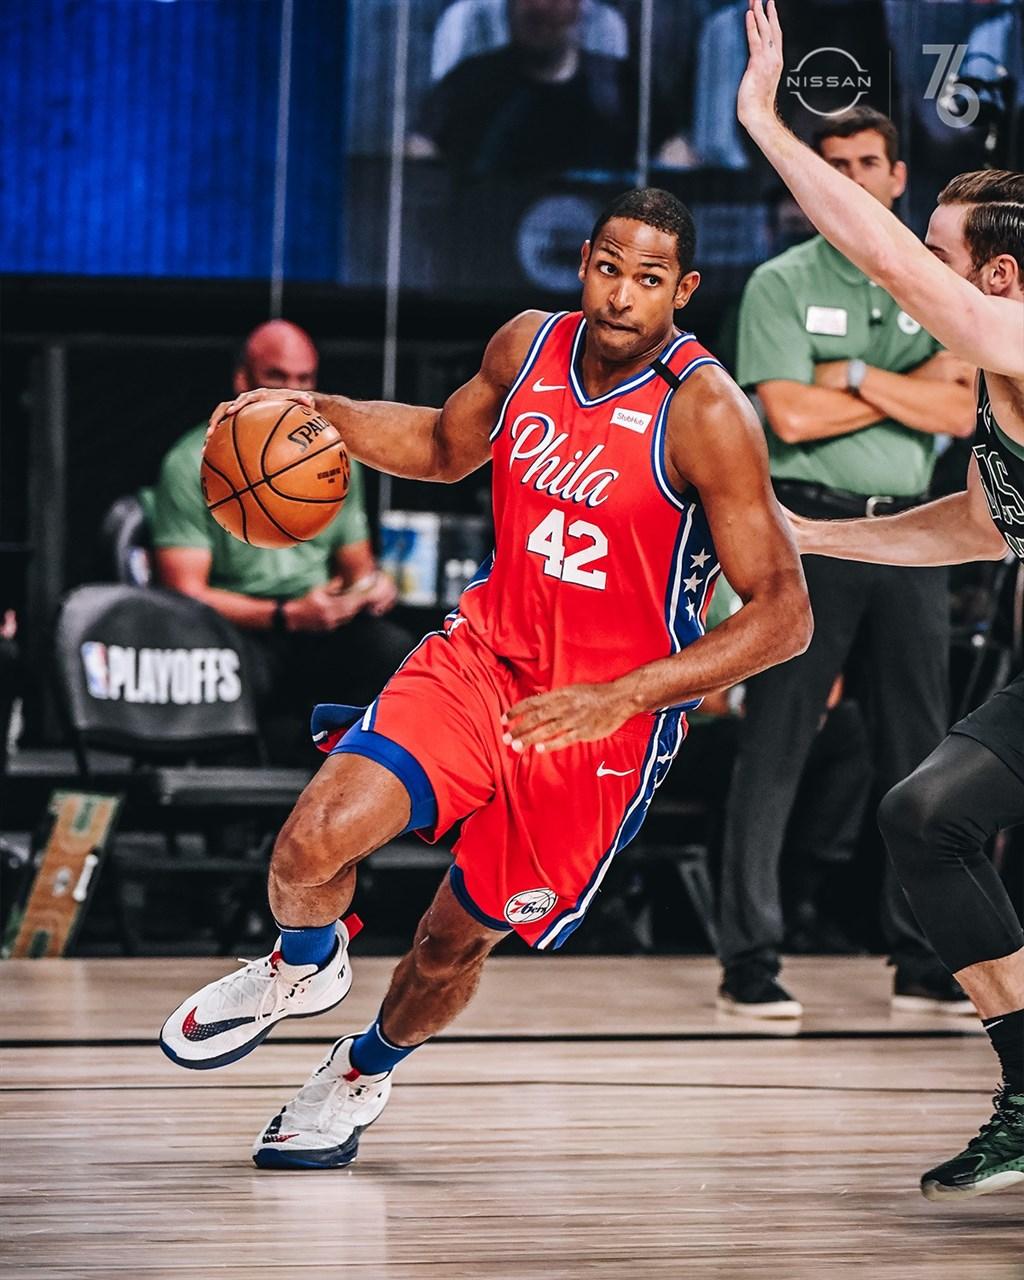 美國體育頻道ESPN報導,美國職籃NBA雷霆18日將葛林交易到費城76人,以換得中鋒霍福德(中)與1個首輪選秀權及1個第2輪選秀權。(圖取自facebook.com/Sixers)